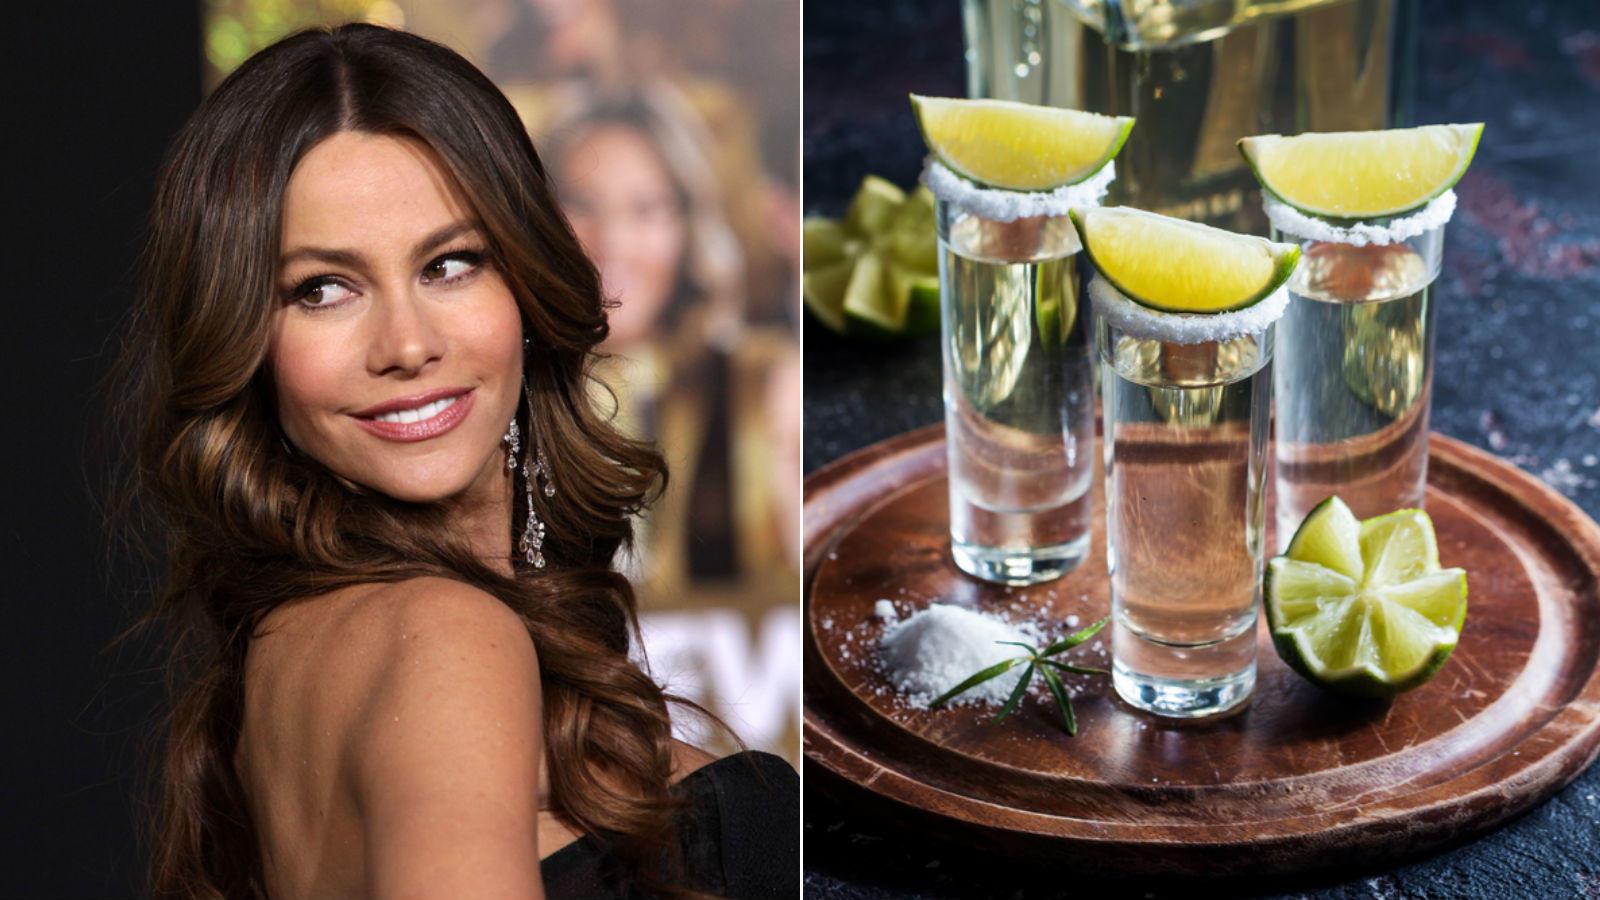 Sok közös van bennük, mindketten Kolumbiából származnak, mindketten ellenállhatatlanok, ízletesek és valósággal leégetnek! Kell ennél több? Nem igazán! (REX/ Shutterstock)